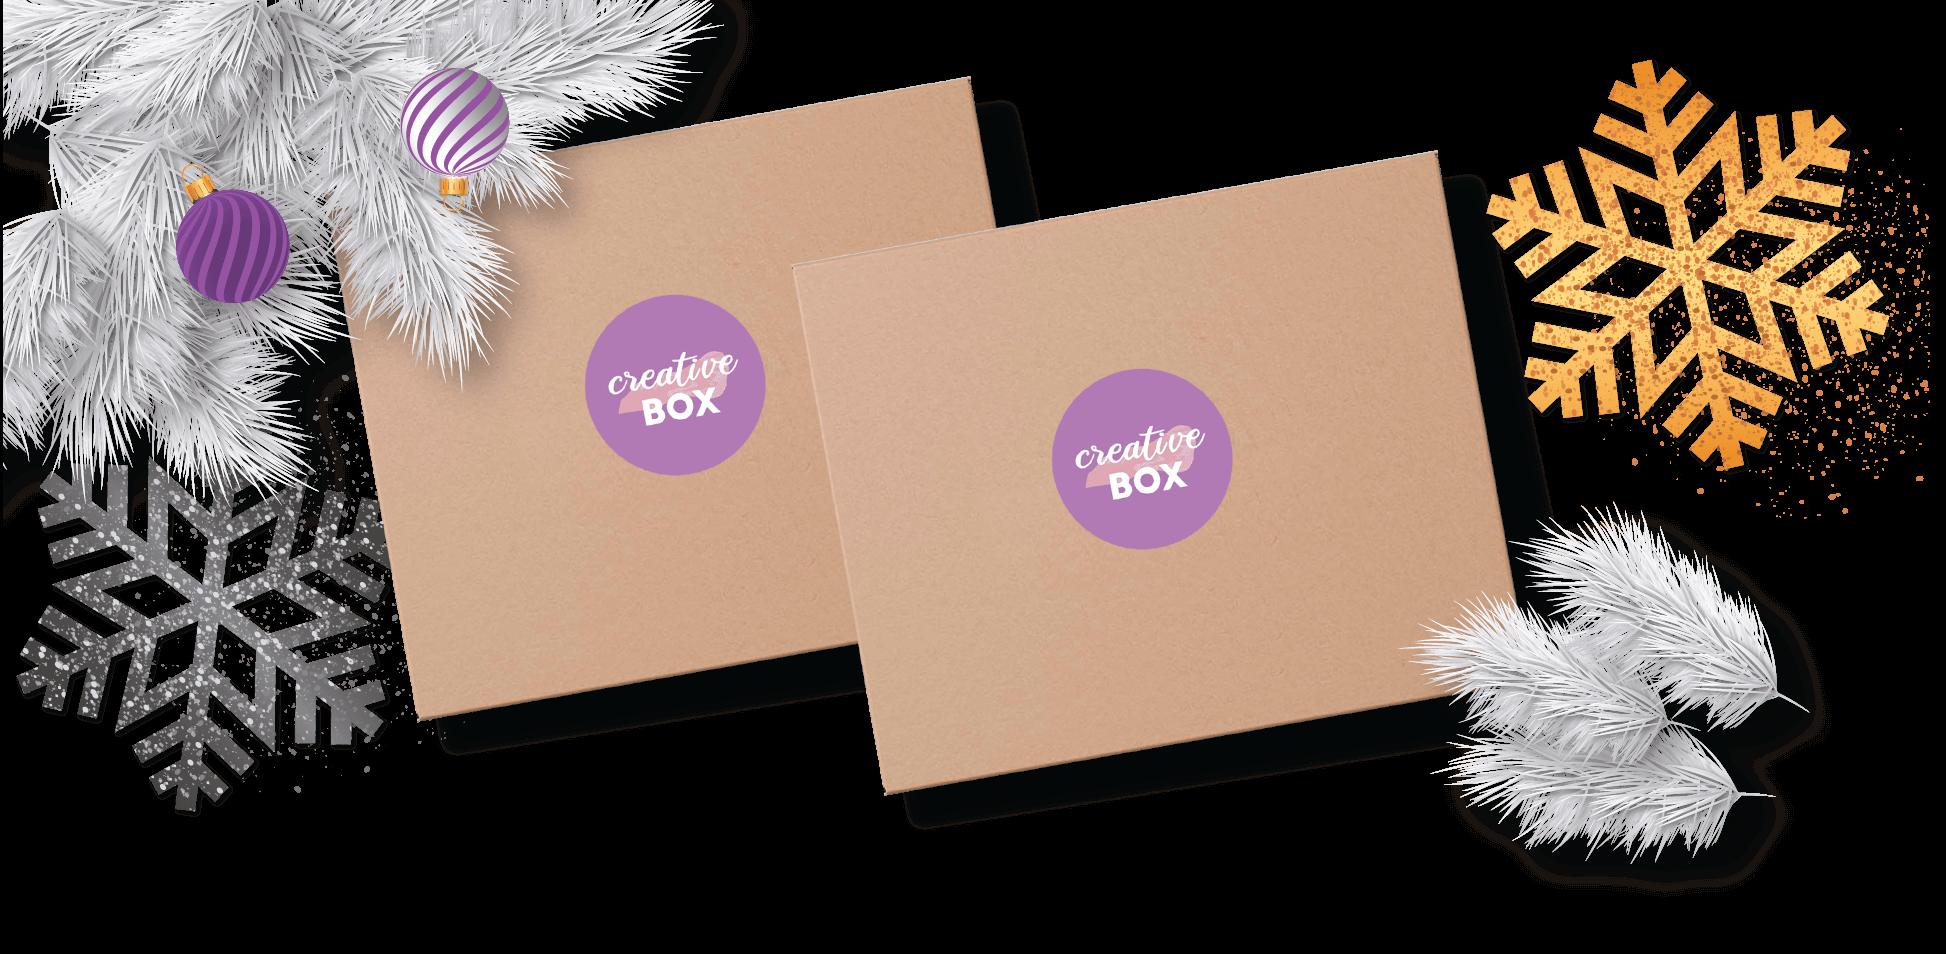 karacsonyi-creative-box-2020-1.png